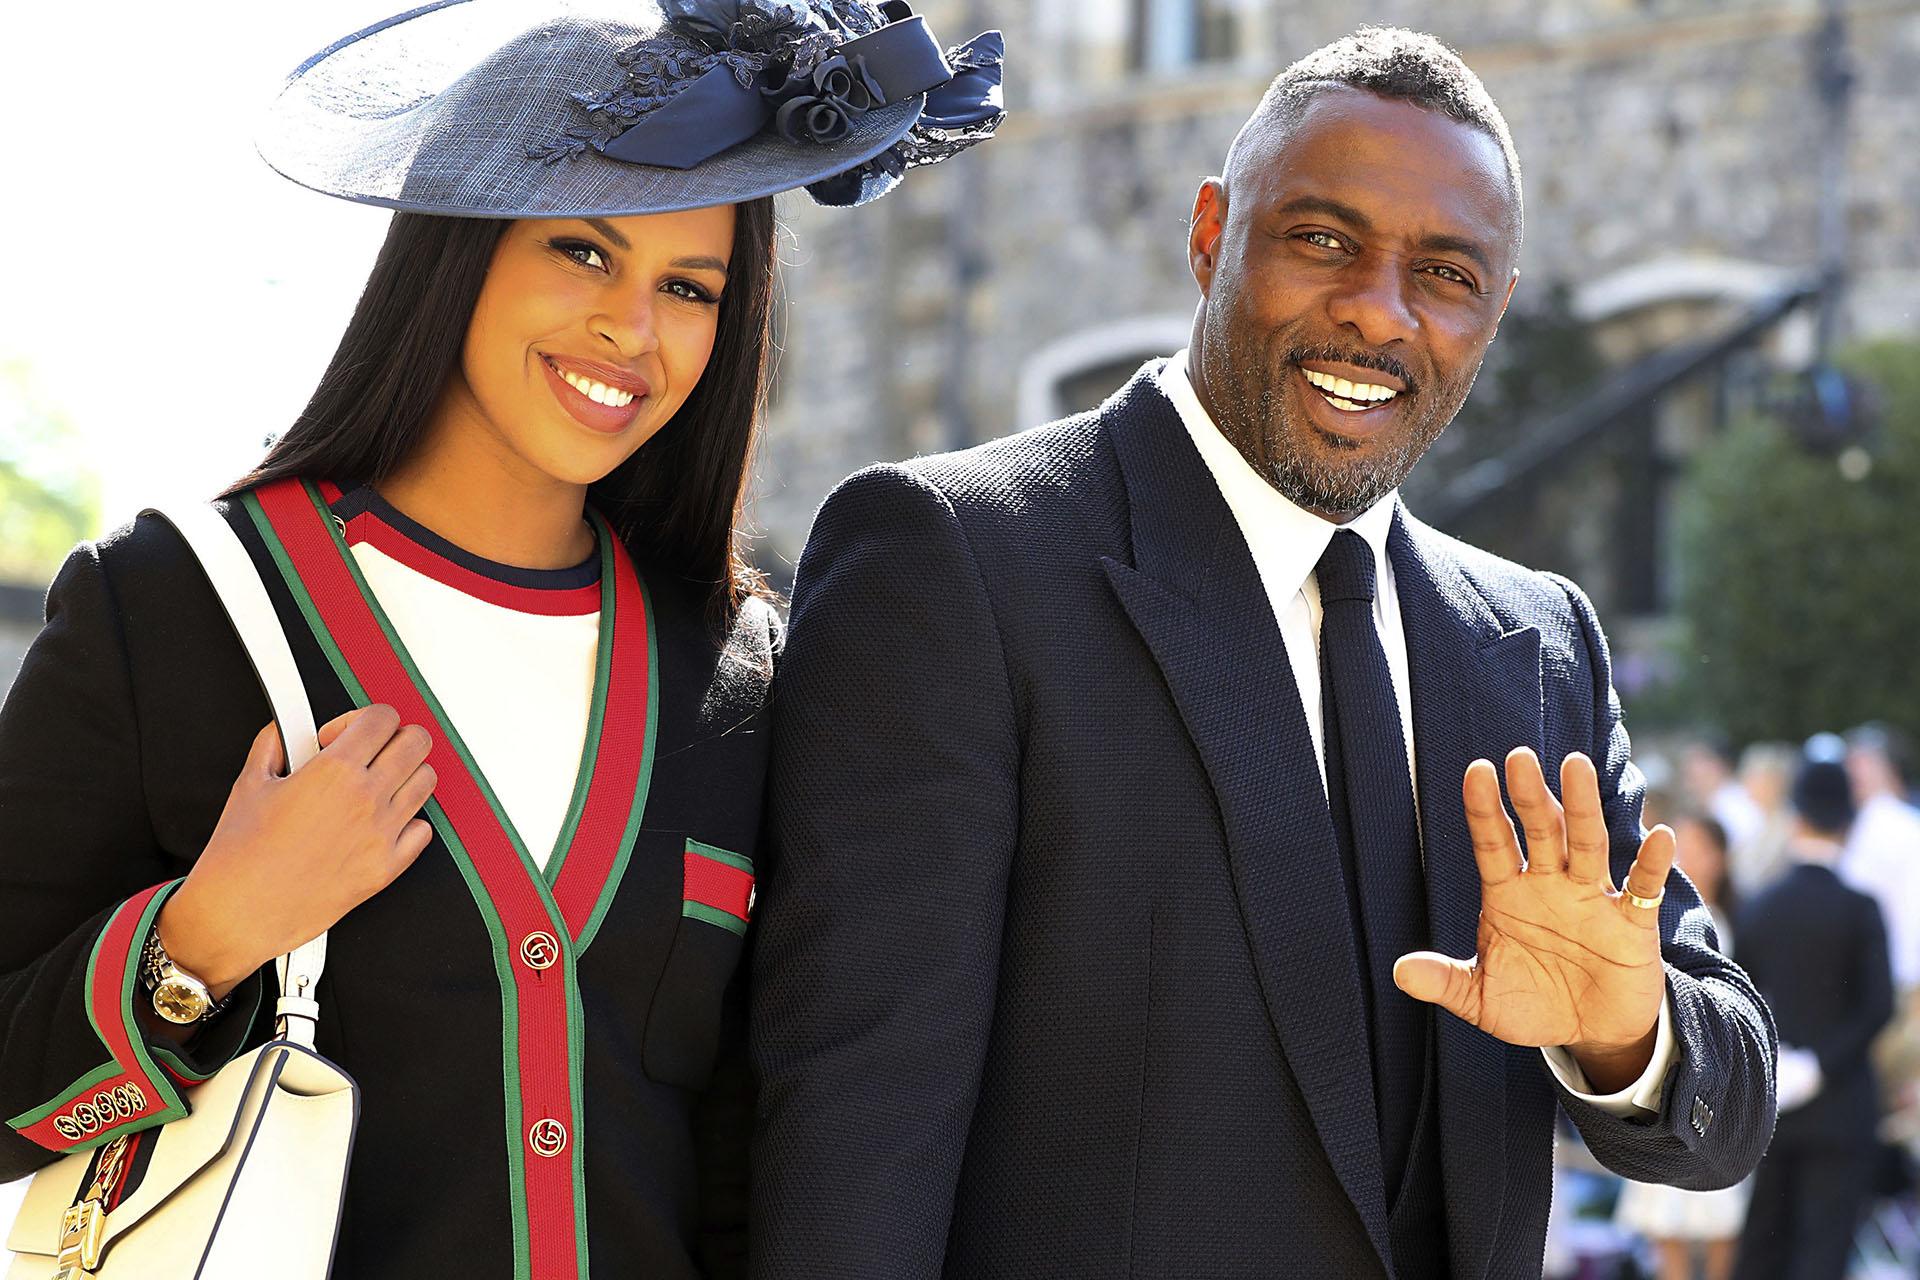 El actor británico Idris Elba y su novia Sabrina Dhowre llegan a la St George's Chapel en Windsor